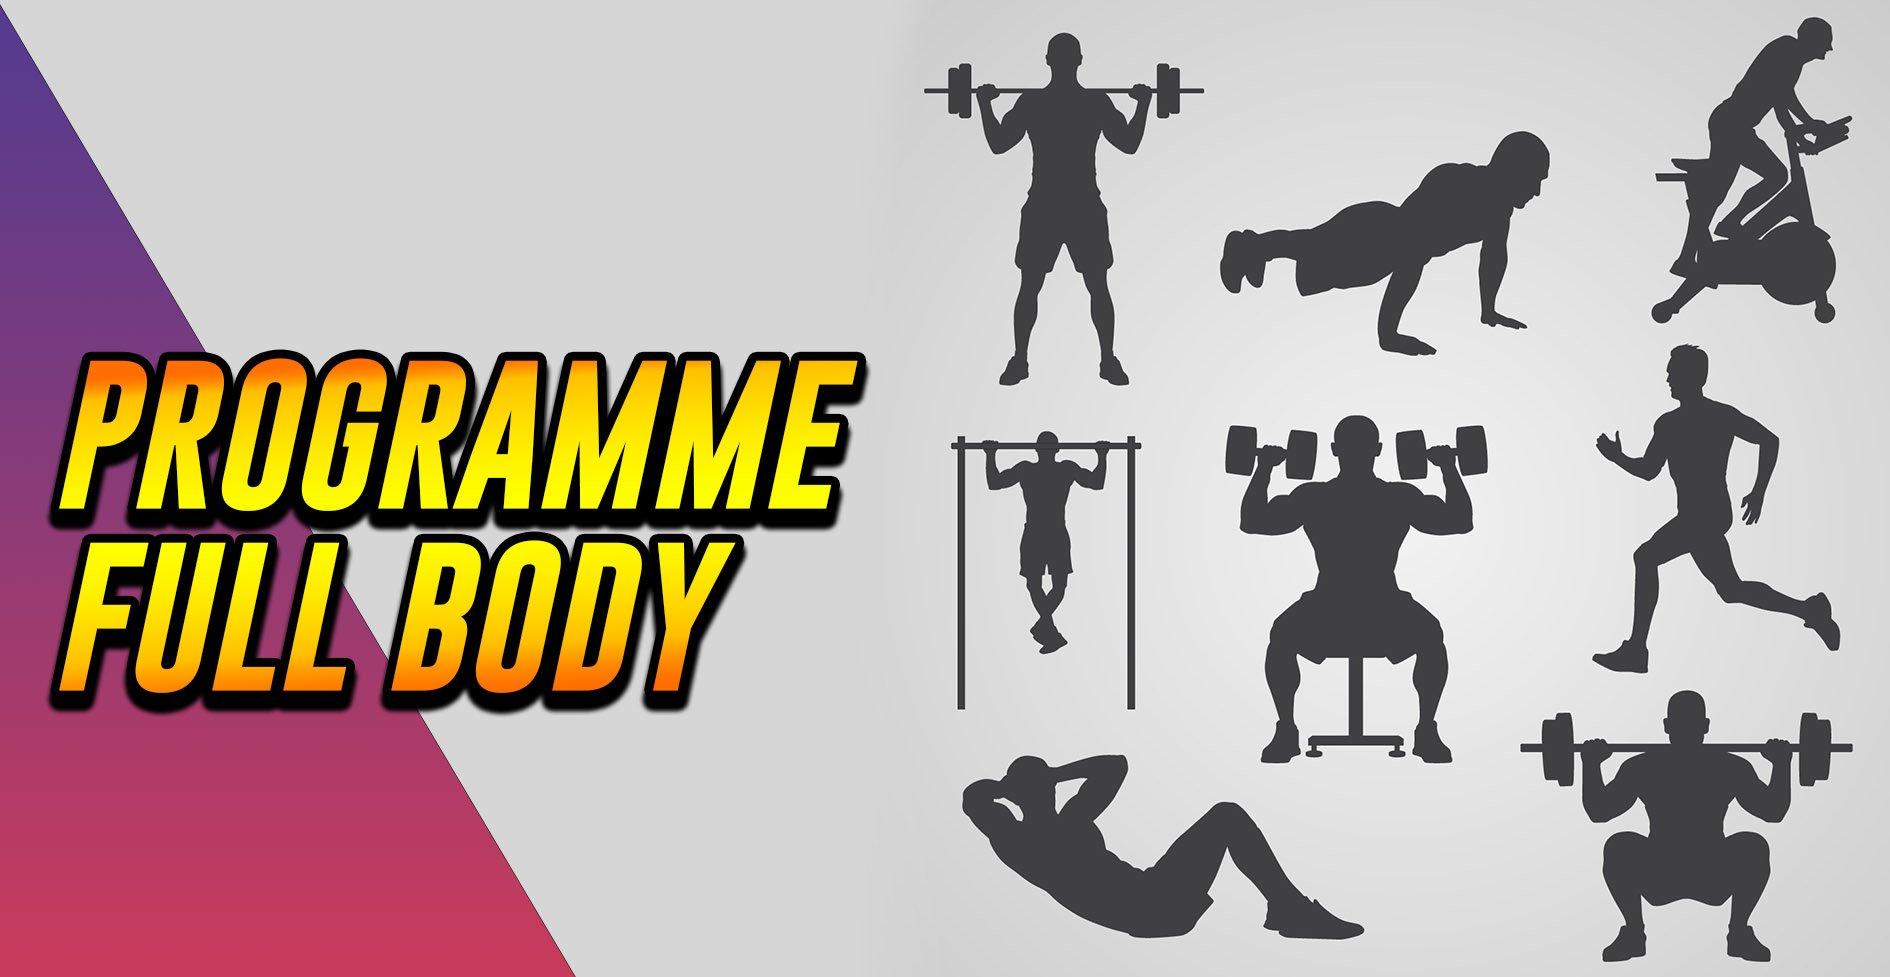 programme full body